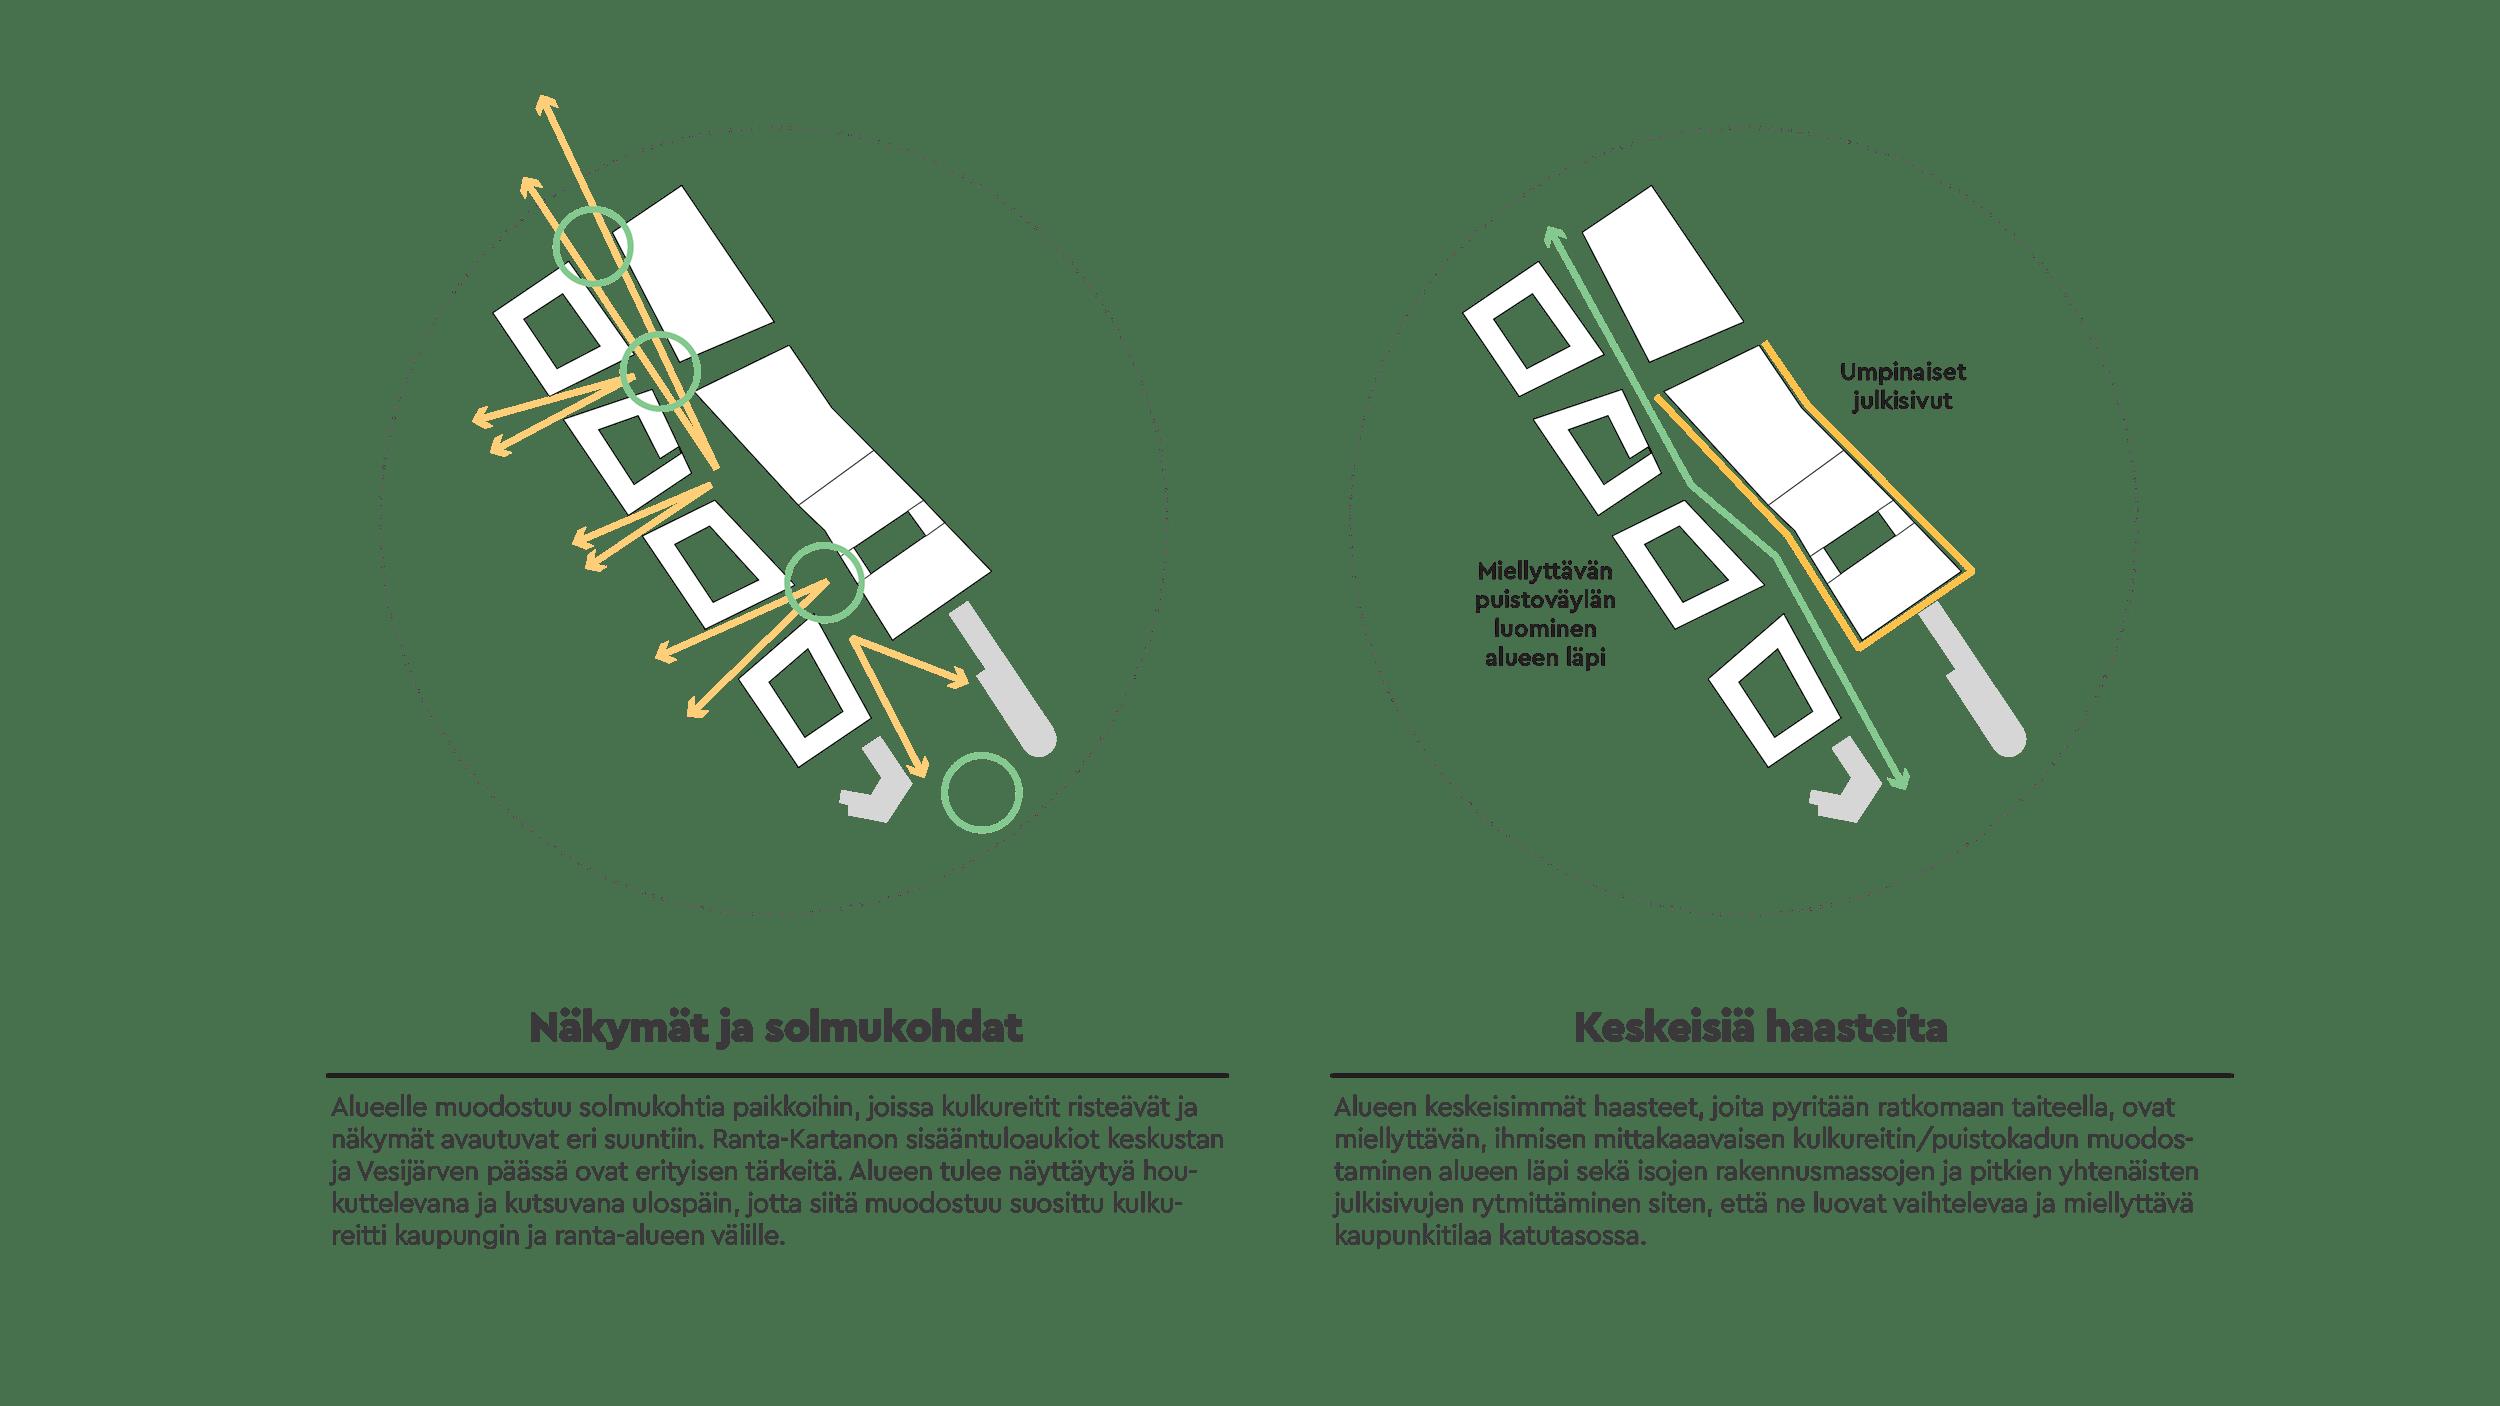 Ranta-Kartanon taideohjelman strategia